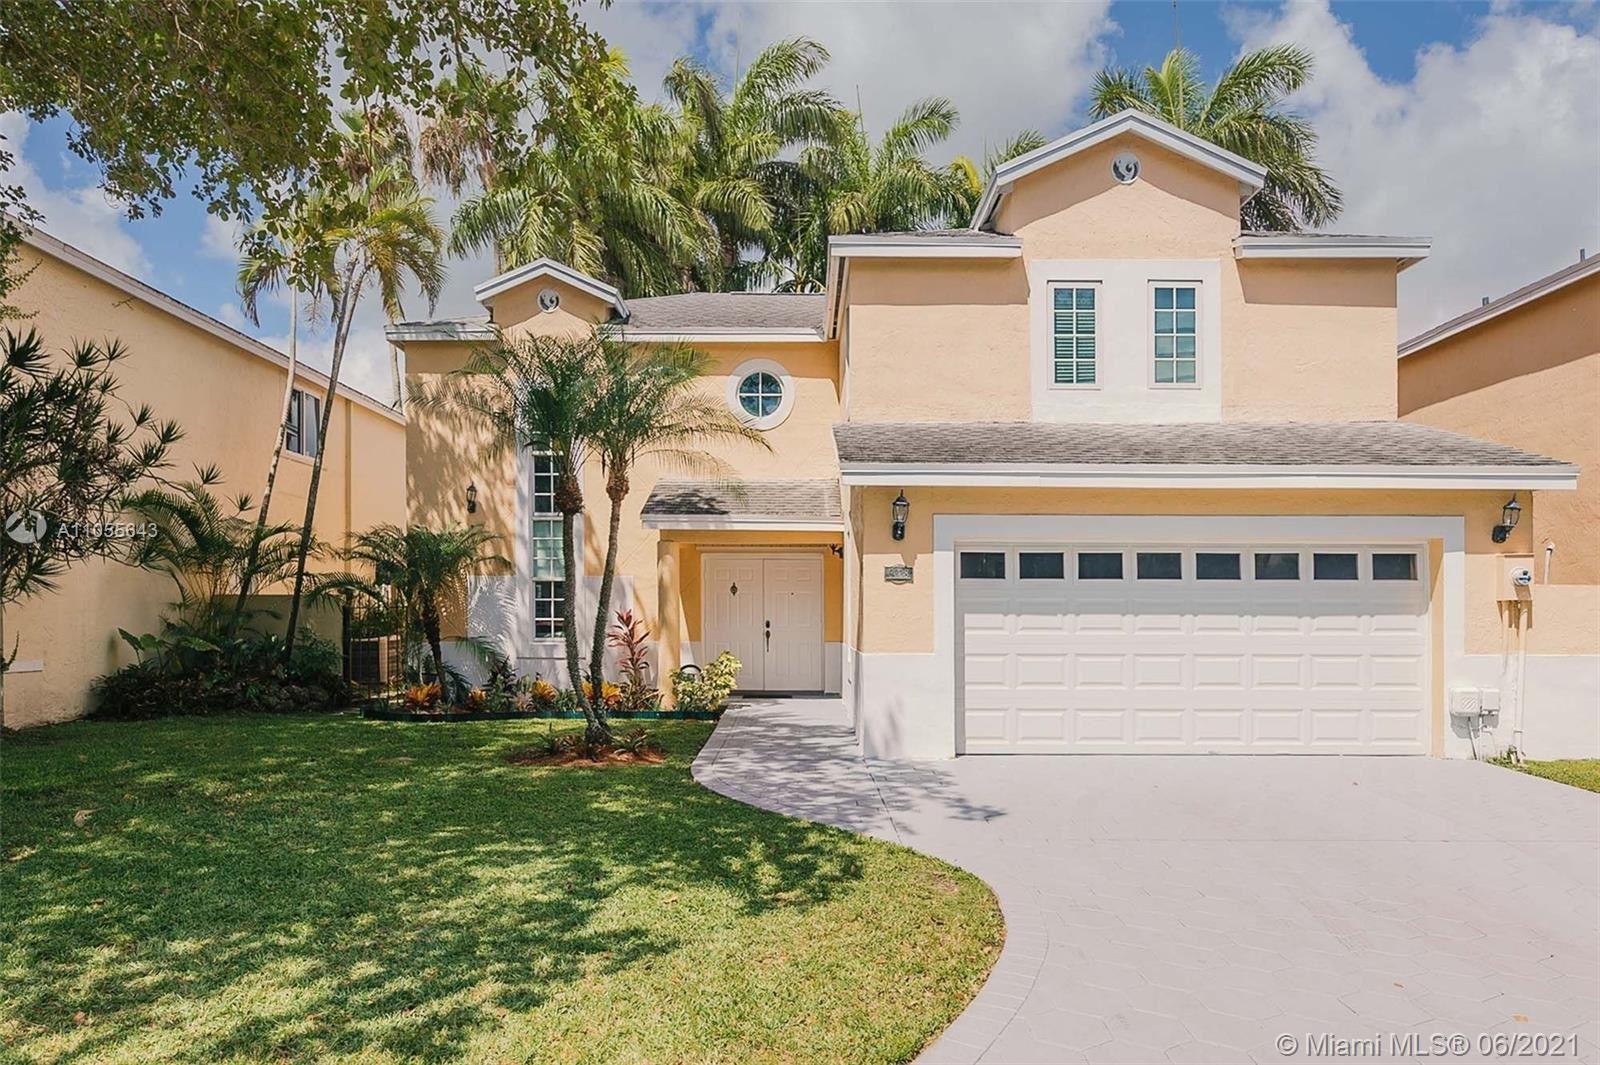 9338 SW 144th Pl, Miami, FL 33186 - #: A11055643